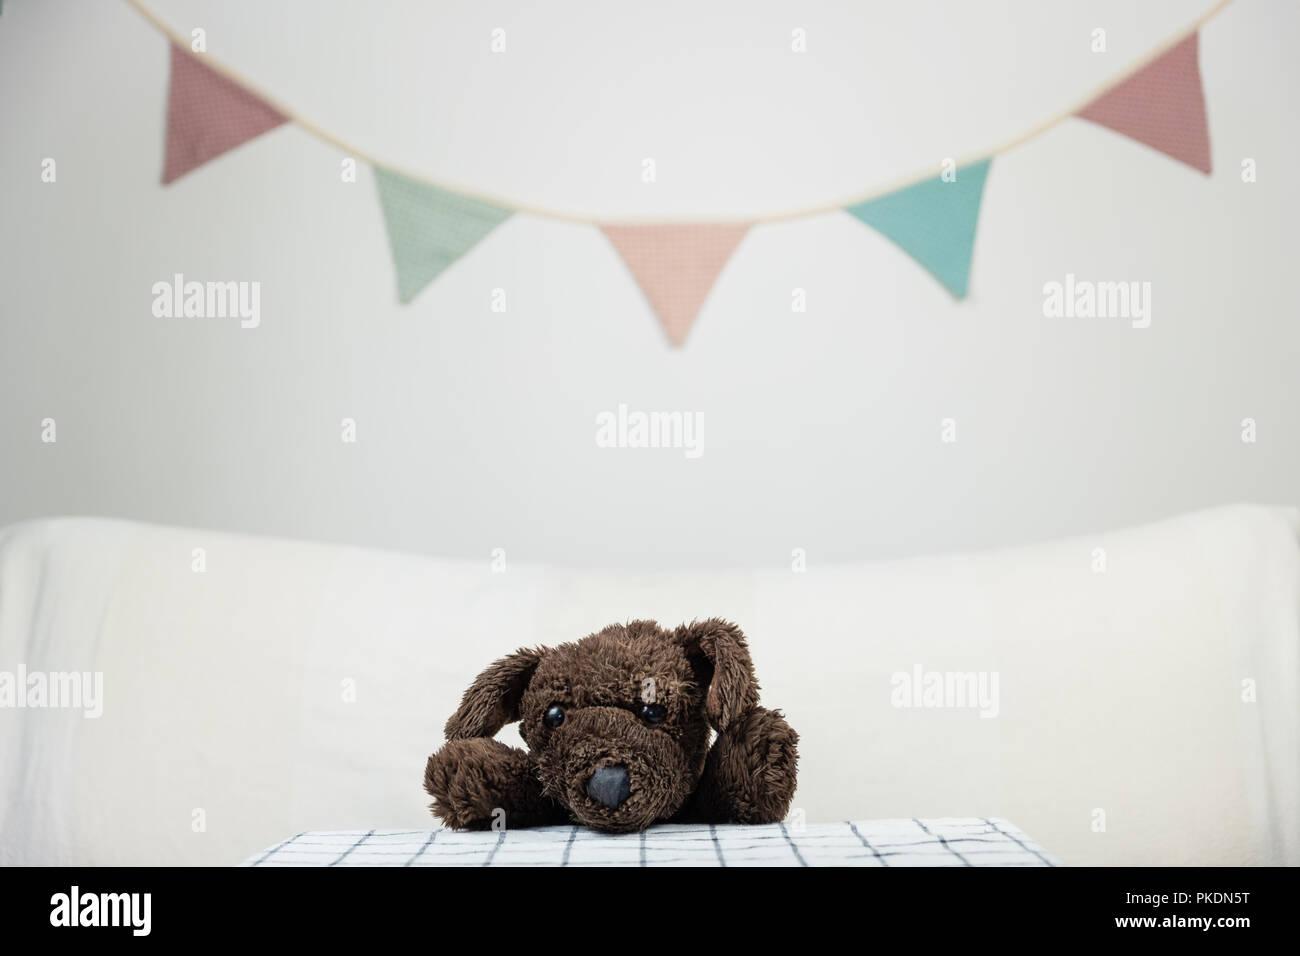 Los niños parte concepto con fluffy perro de juguete en la mesa. Imagen De Stock